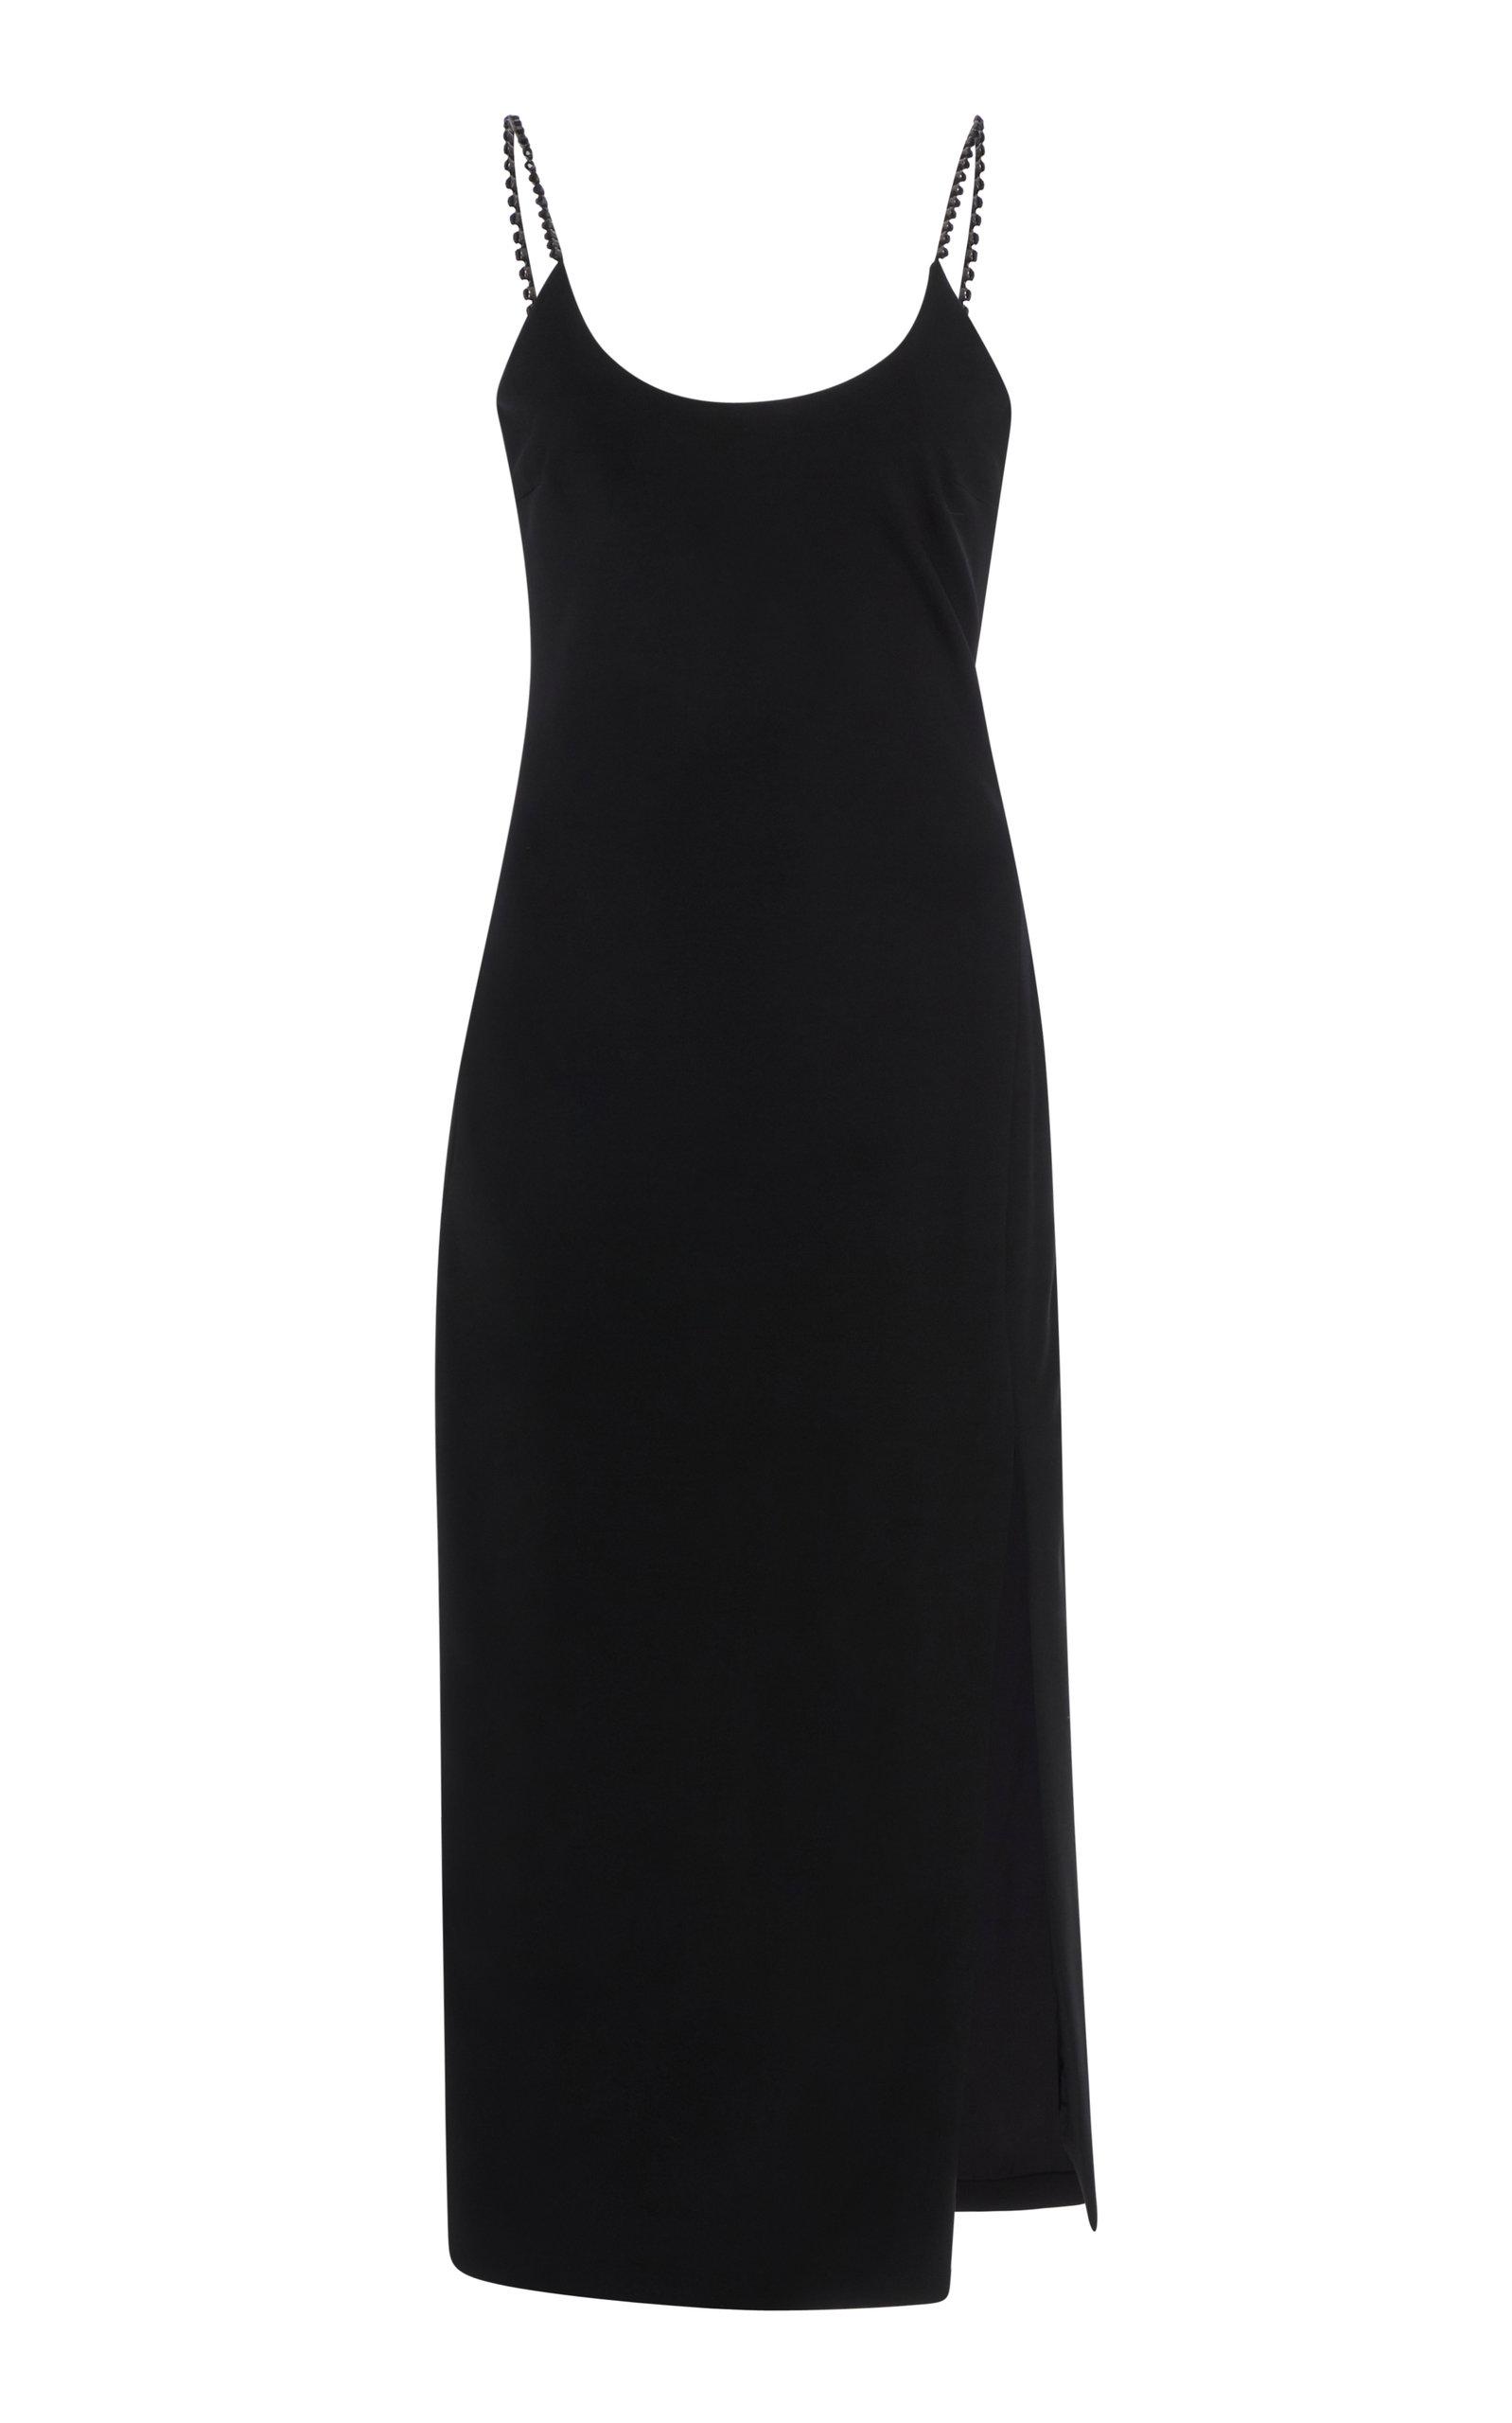 Buy Cushnie Crystal-Embellished Stretch-Crepe Midi Dress online, shop Cushnie at the best price